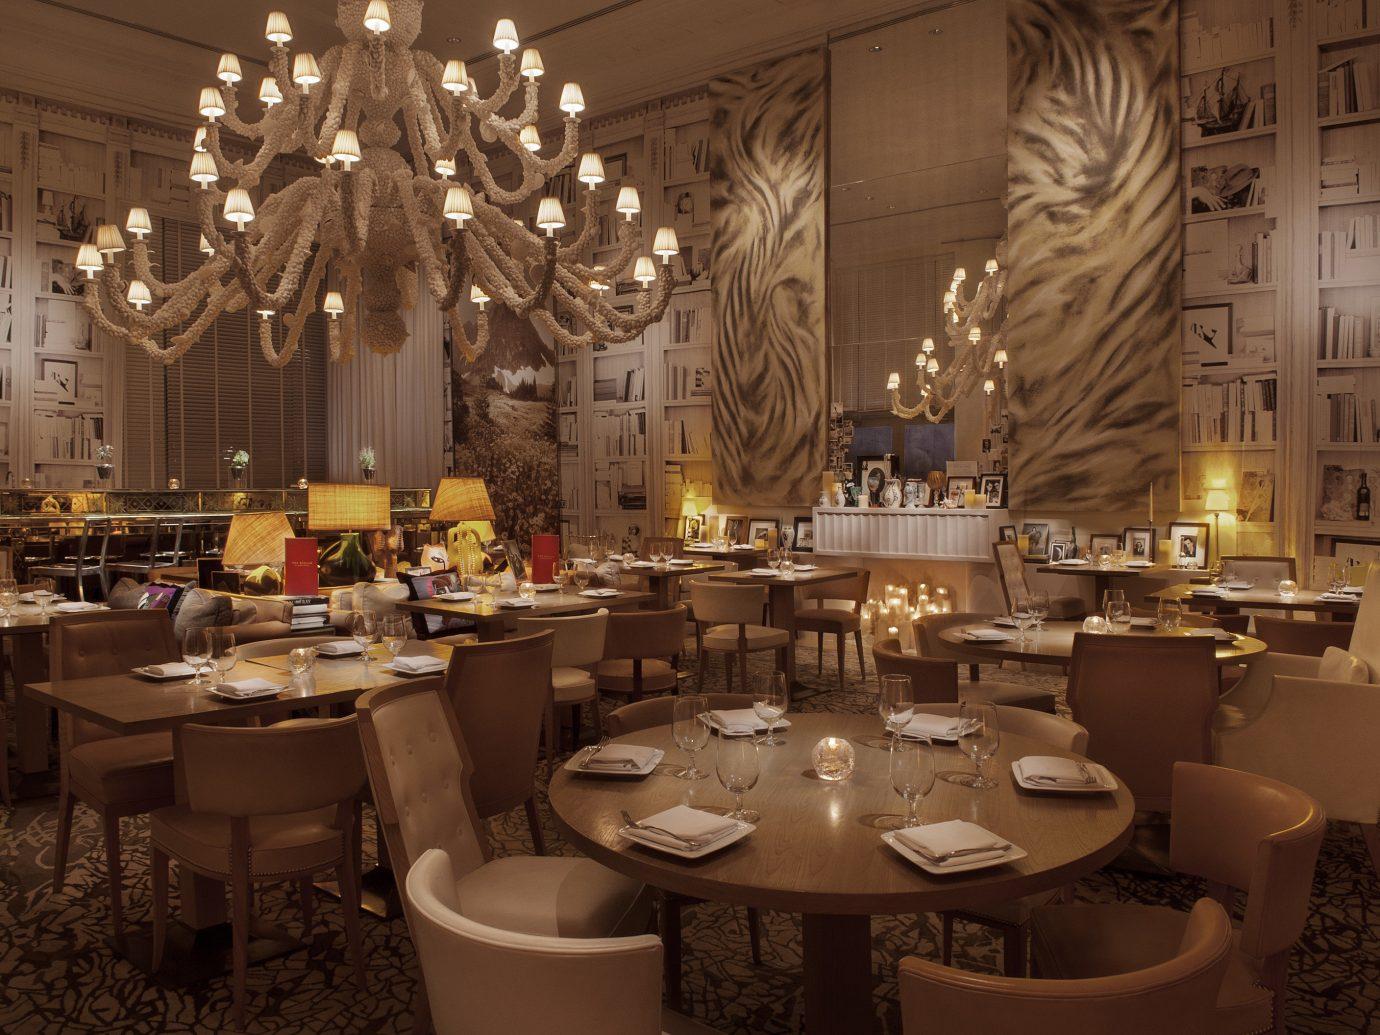 Travel Tips indoor function hall restaurant interior design dining room ballroom table